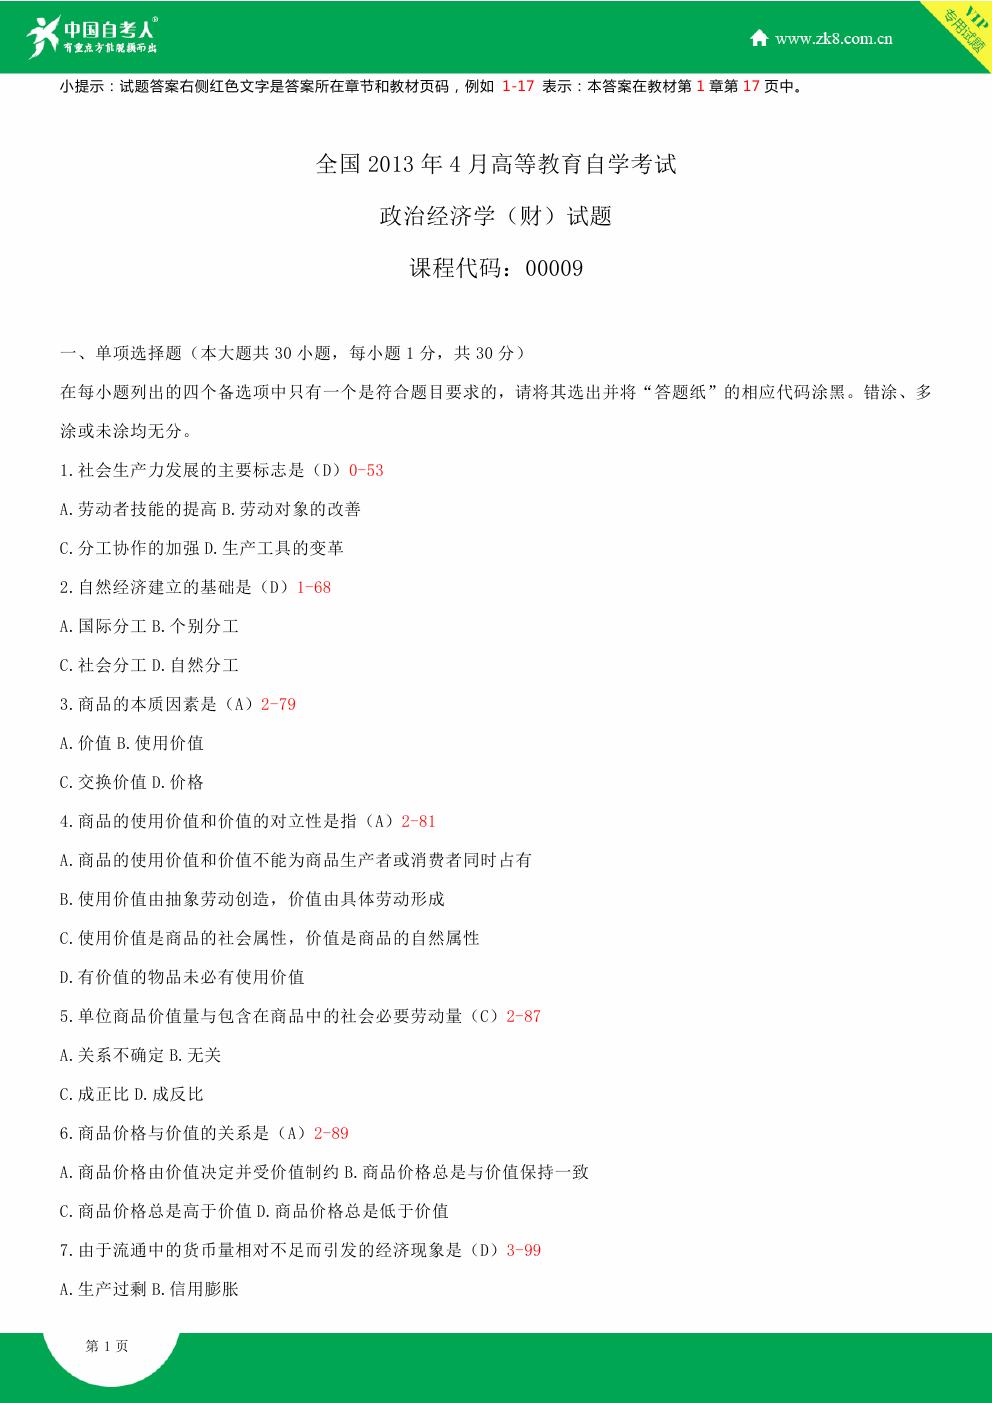 2013~2014年自考00009政治经济学(财)试题答案历年试题及答案汇总